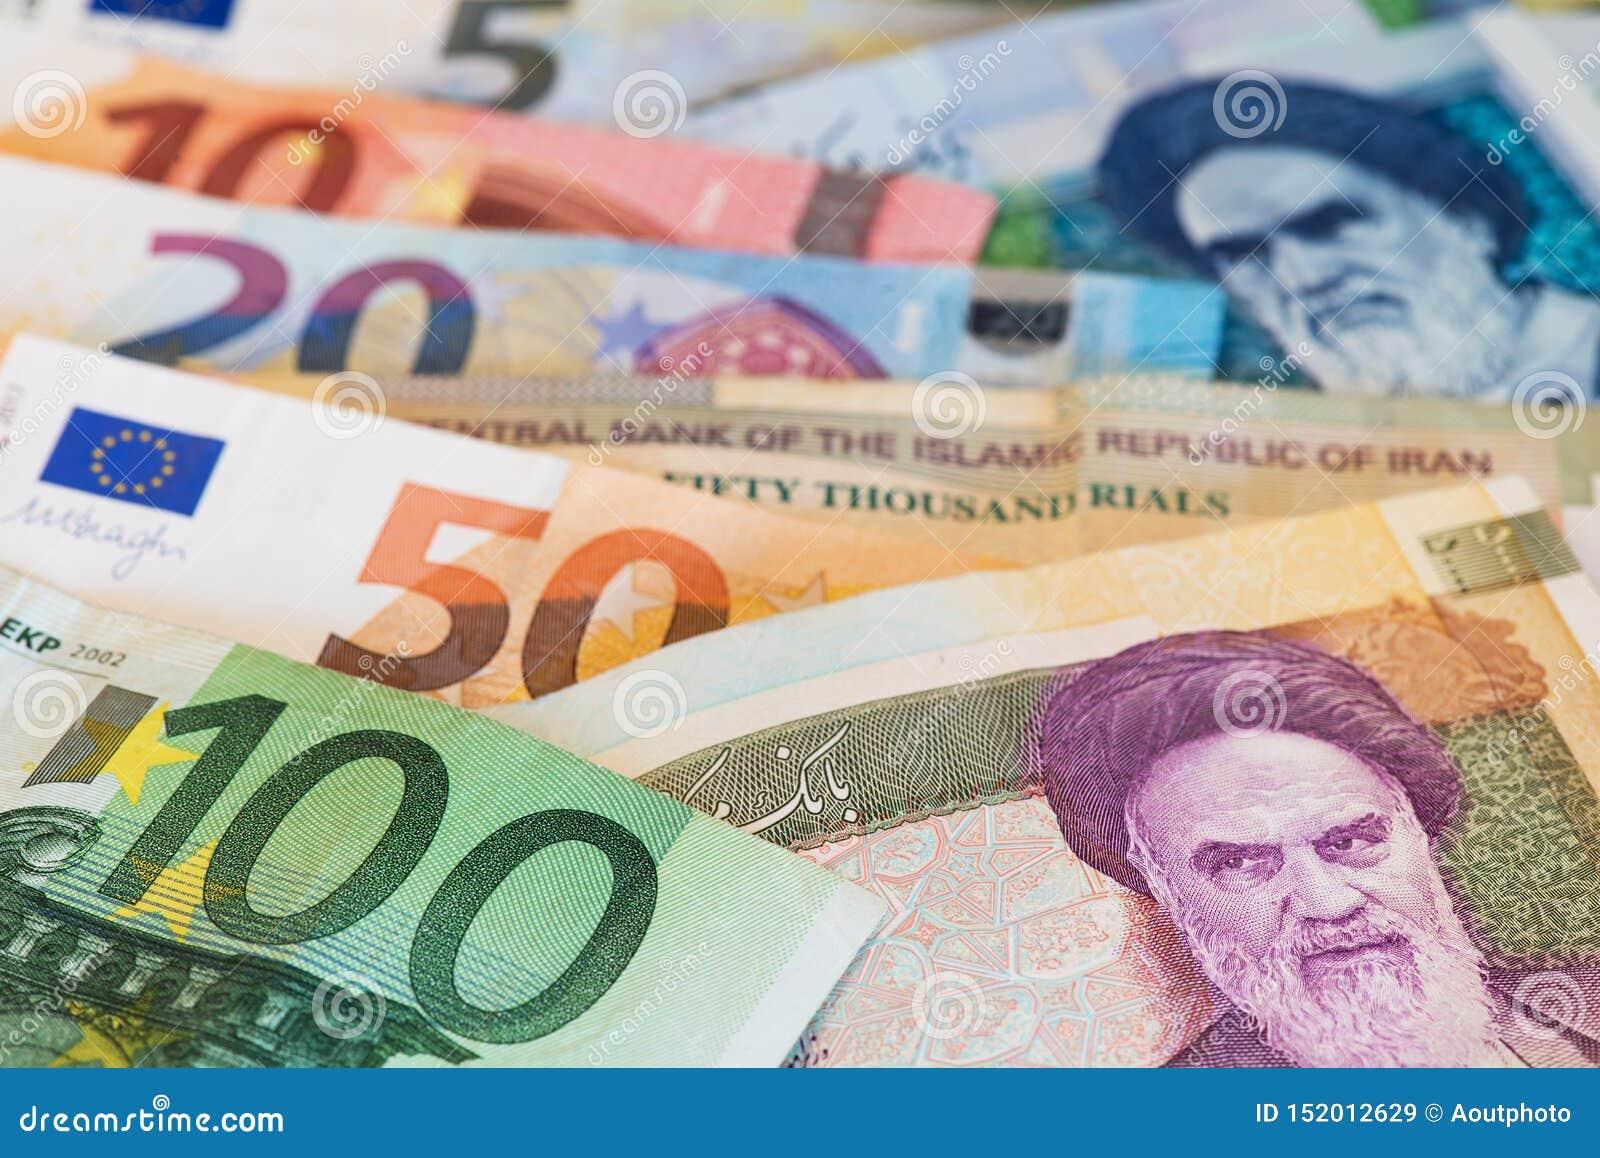 Billetes de banco euro de la moneda y billetes de banco de la moneda del rial iraní cercanos encima de imagen